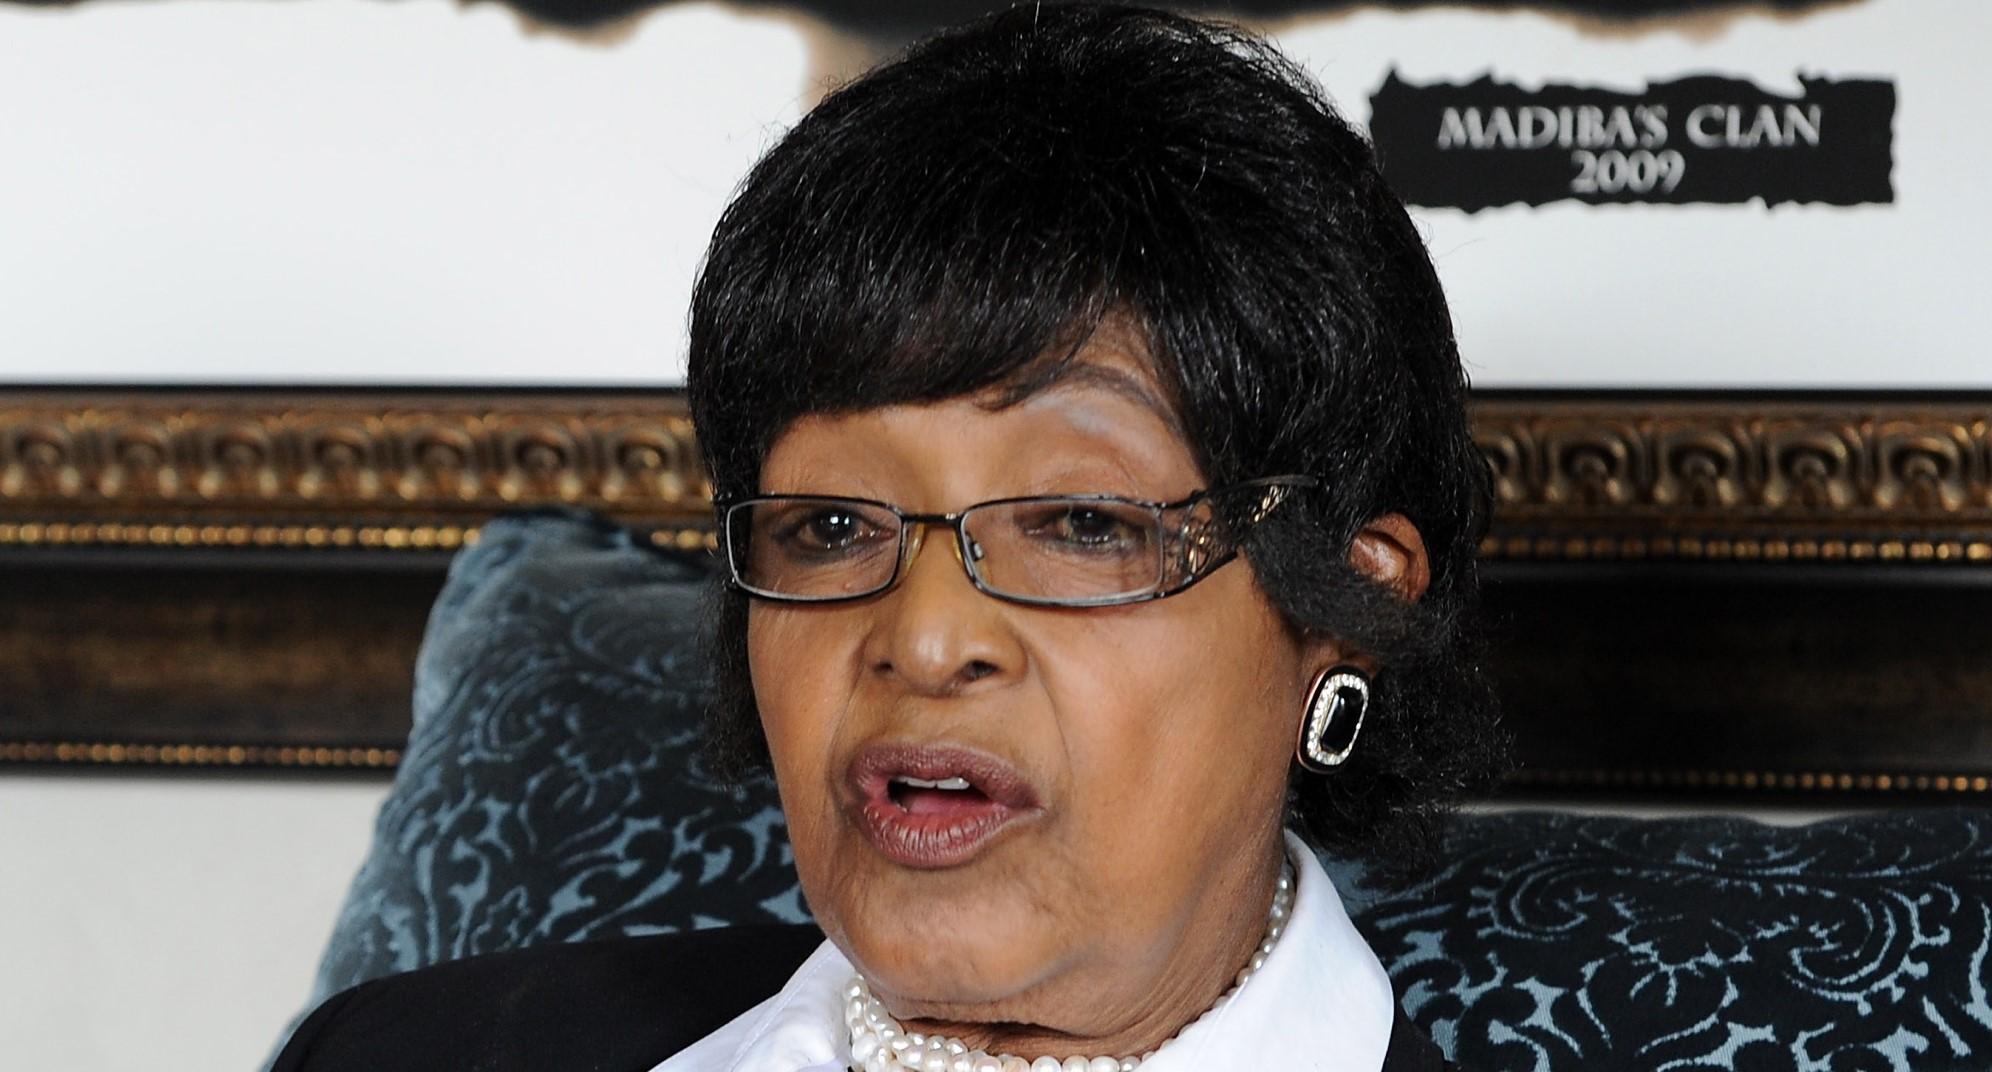 Mandela'nın eski eşi Winnie Madikizela miras davasını kaybetti